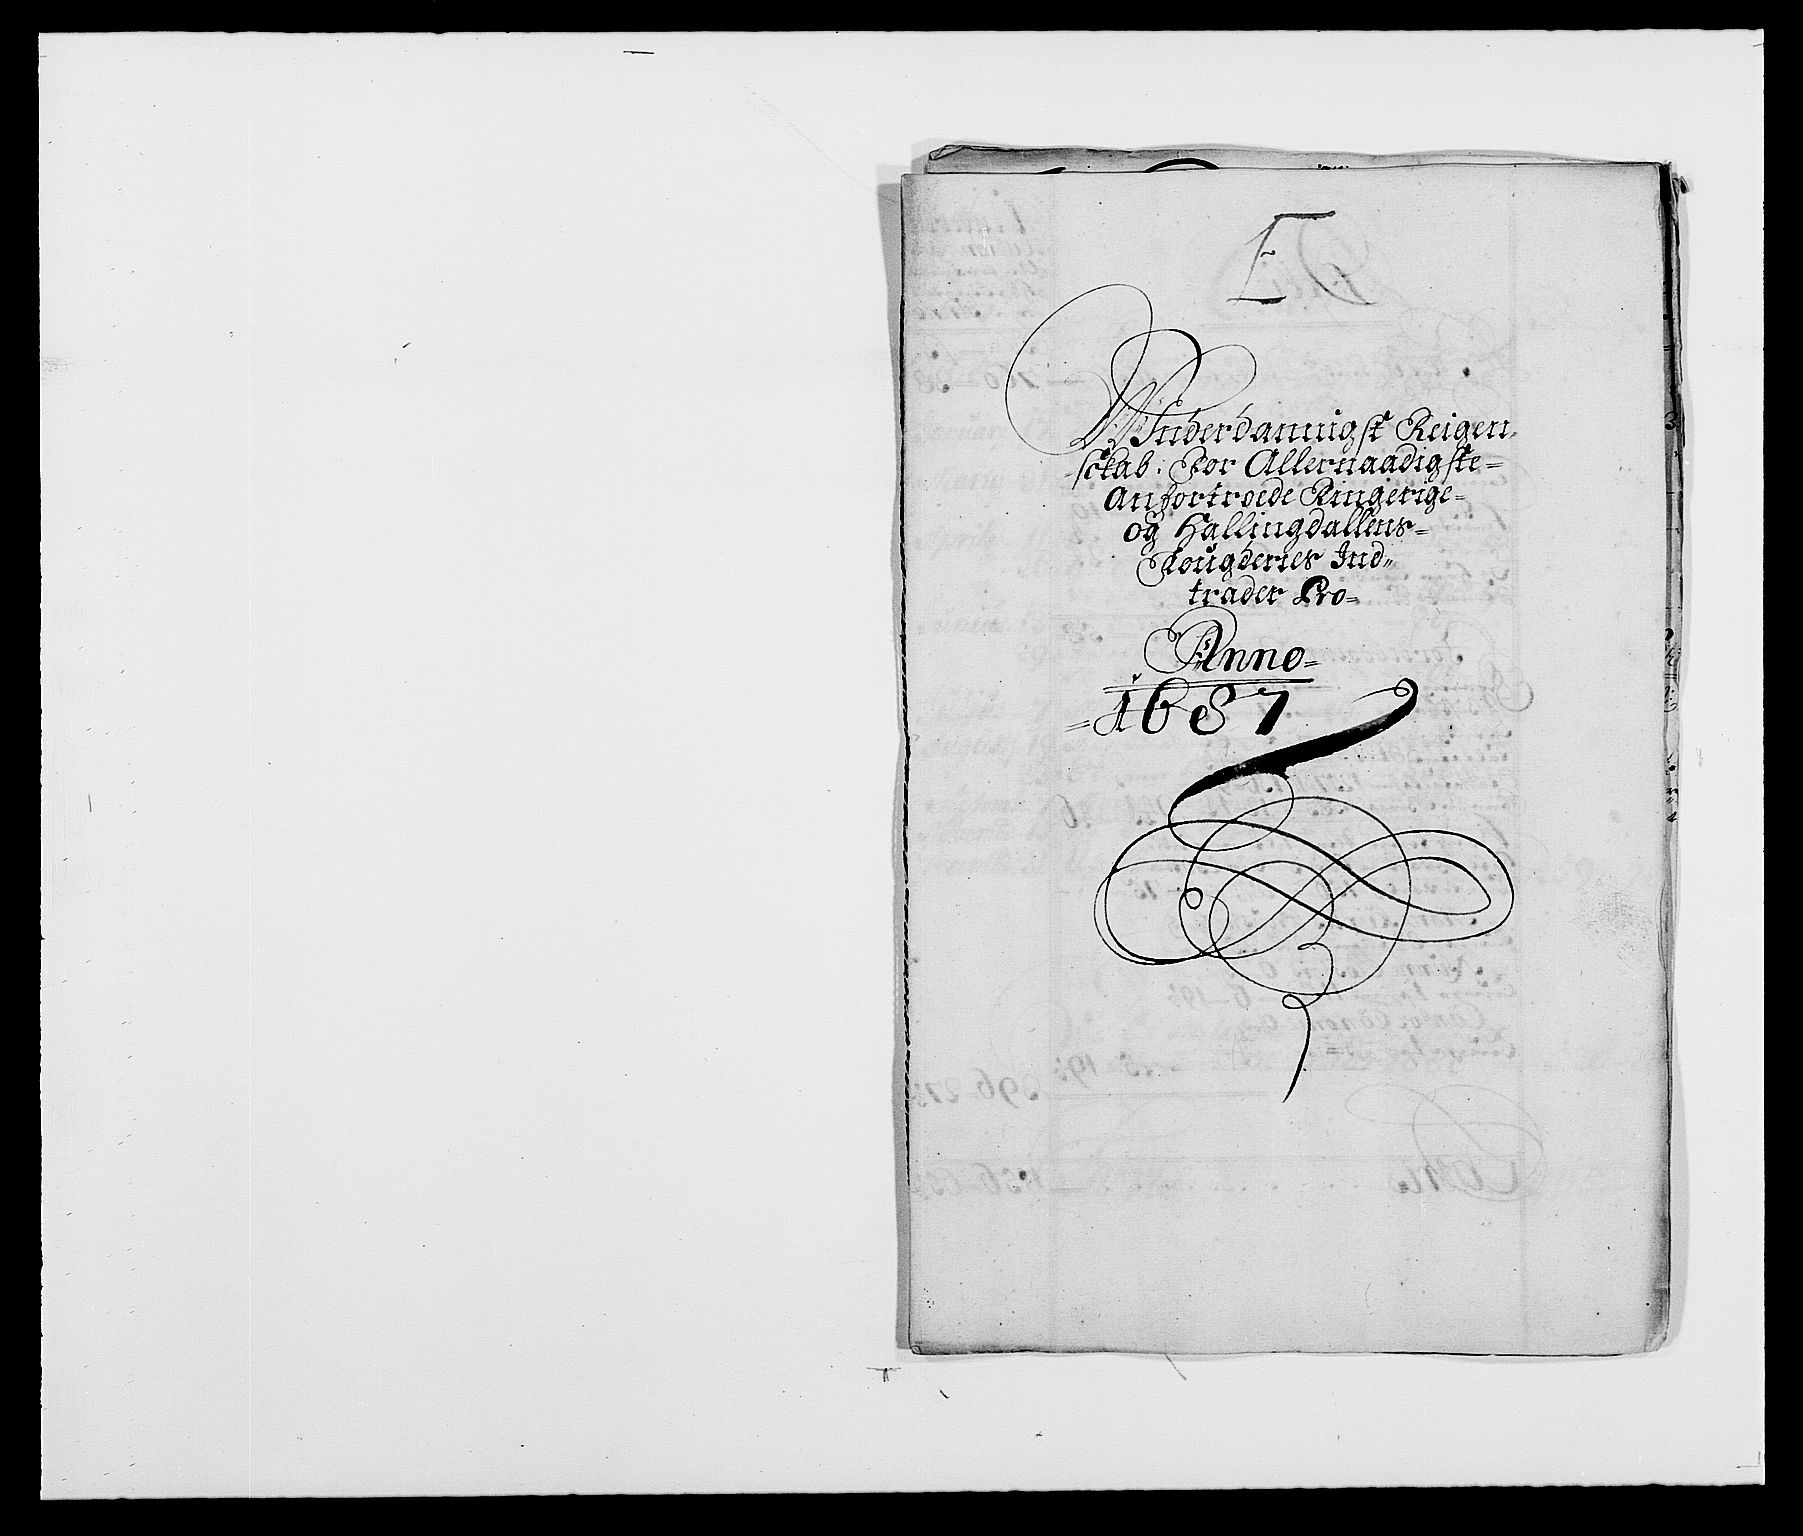 RA, Rentekammeret inntil 1814, Reviderte regnskaper, Fogderegnskap, R21/L1447: Fogderegnskap Ringerike og Hallingdal, 1687-1689, s. 1